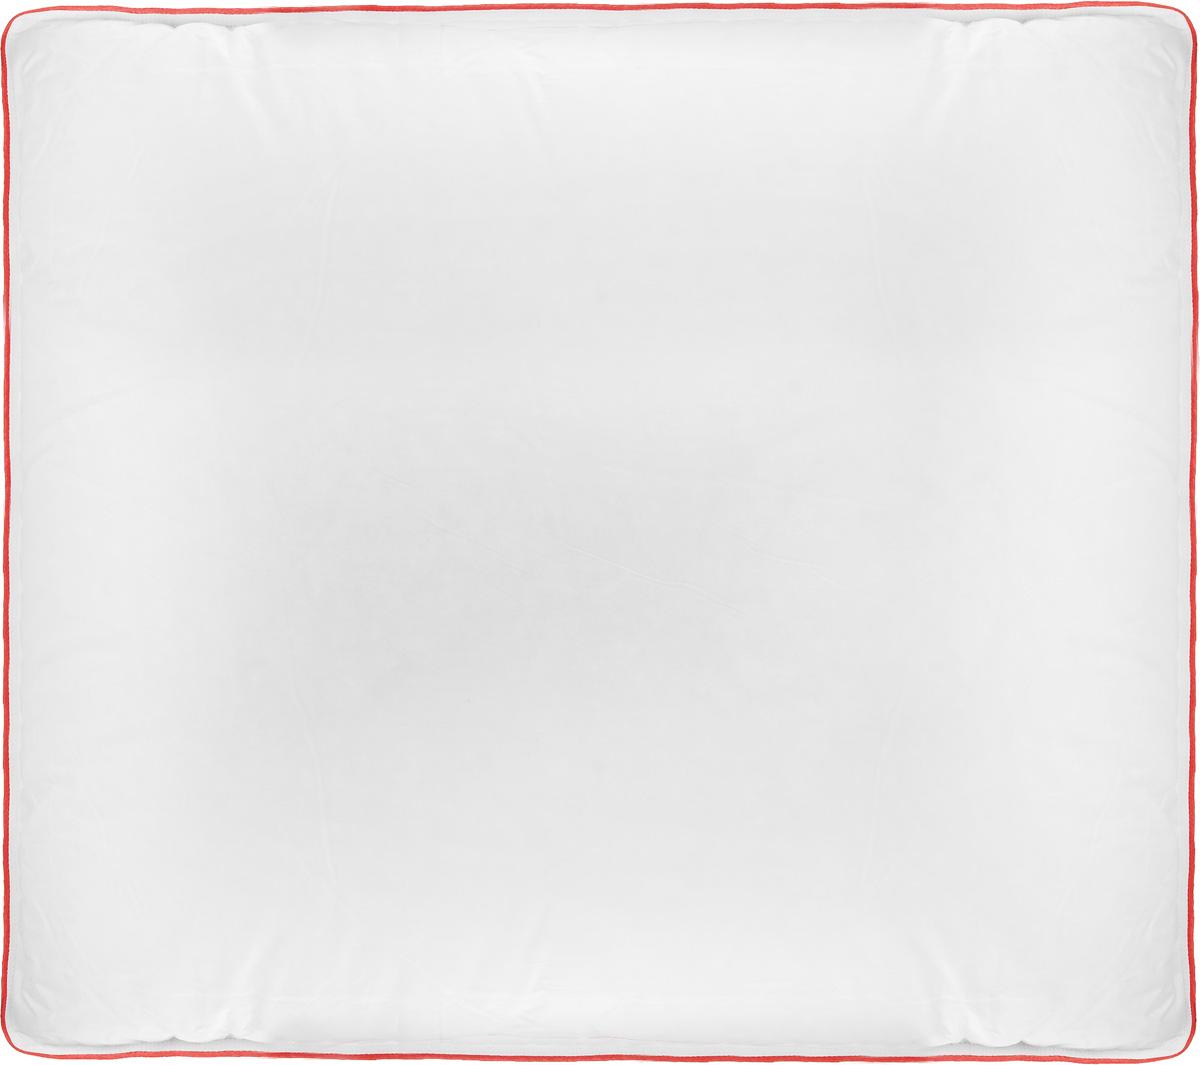 Подушка Легкие сны Desire, наполнитель: гусиный пух категории Экстра, 68 х 68 смWUB 5647 weisПодушка в традиционном исполнении Легкие сны Desire поможет расслабиться, снимет усталость и подарит вам спокойный и здоровый сон. Изделие обеспечит комфортную поддержку головы и шеи во время сна.Подушка наполнена серым пухом сибирского гуся категории Экстра. Облегченное исполнение гарантирует воздушность и терморегуляцию. Наполнитель не нужно взбивать, он превосходно сохраняет свою упругость, не сминается, быстро возвращается в исходный объем. Чехол подушки выполнен из батиста (100% хлопка). По краю подушки выполнена отделка кантом.Рекомендации по уходу:Деликатная стирка при температуре воды до 30°С.Отбеливание, барабанная сушка и глажка запрещены.Разрешается обычная химчистка.Степень поддержки: средняя.